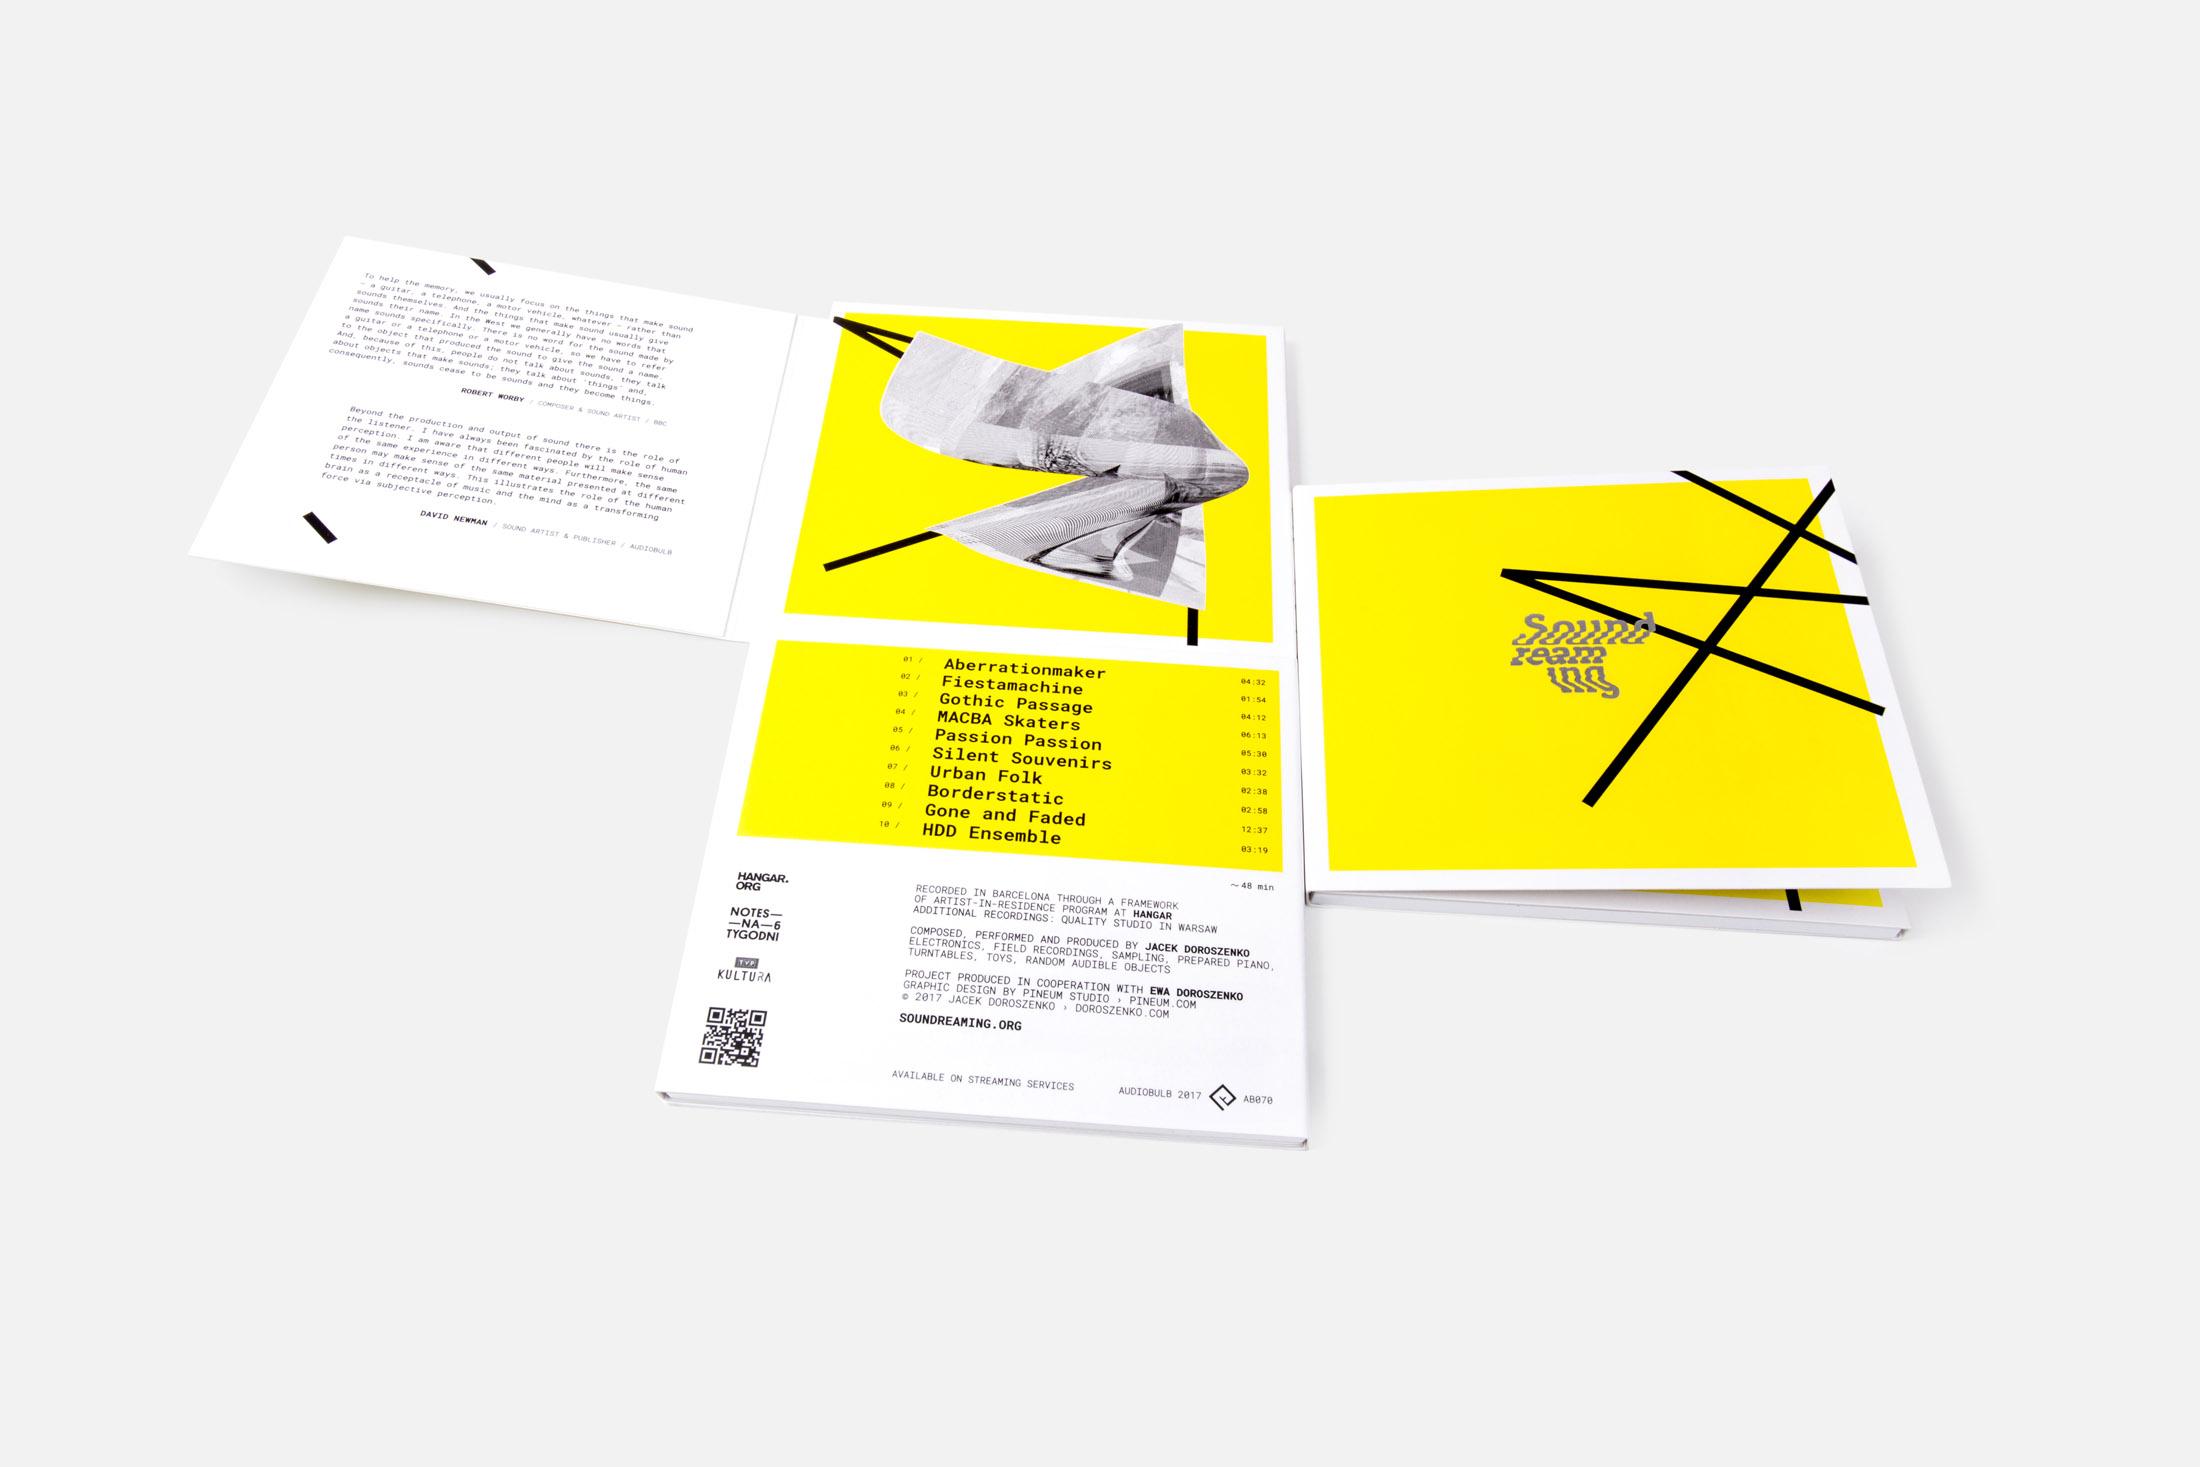 Jacek Doroszenko - Soundreaming album, Audiobulb 2017 - digipak 05